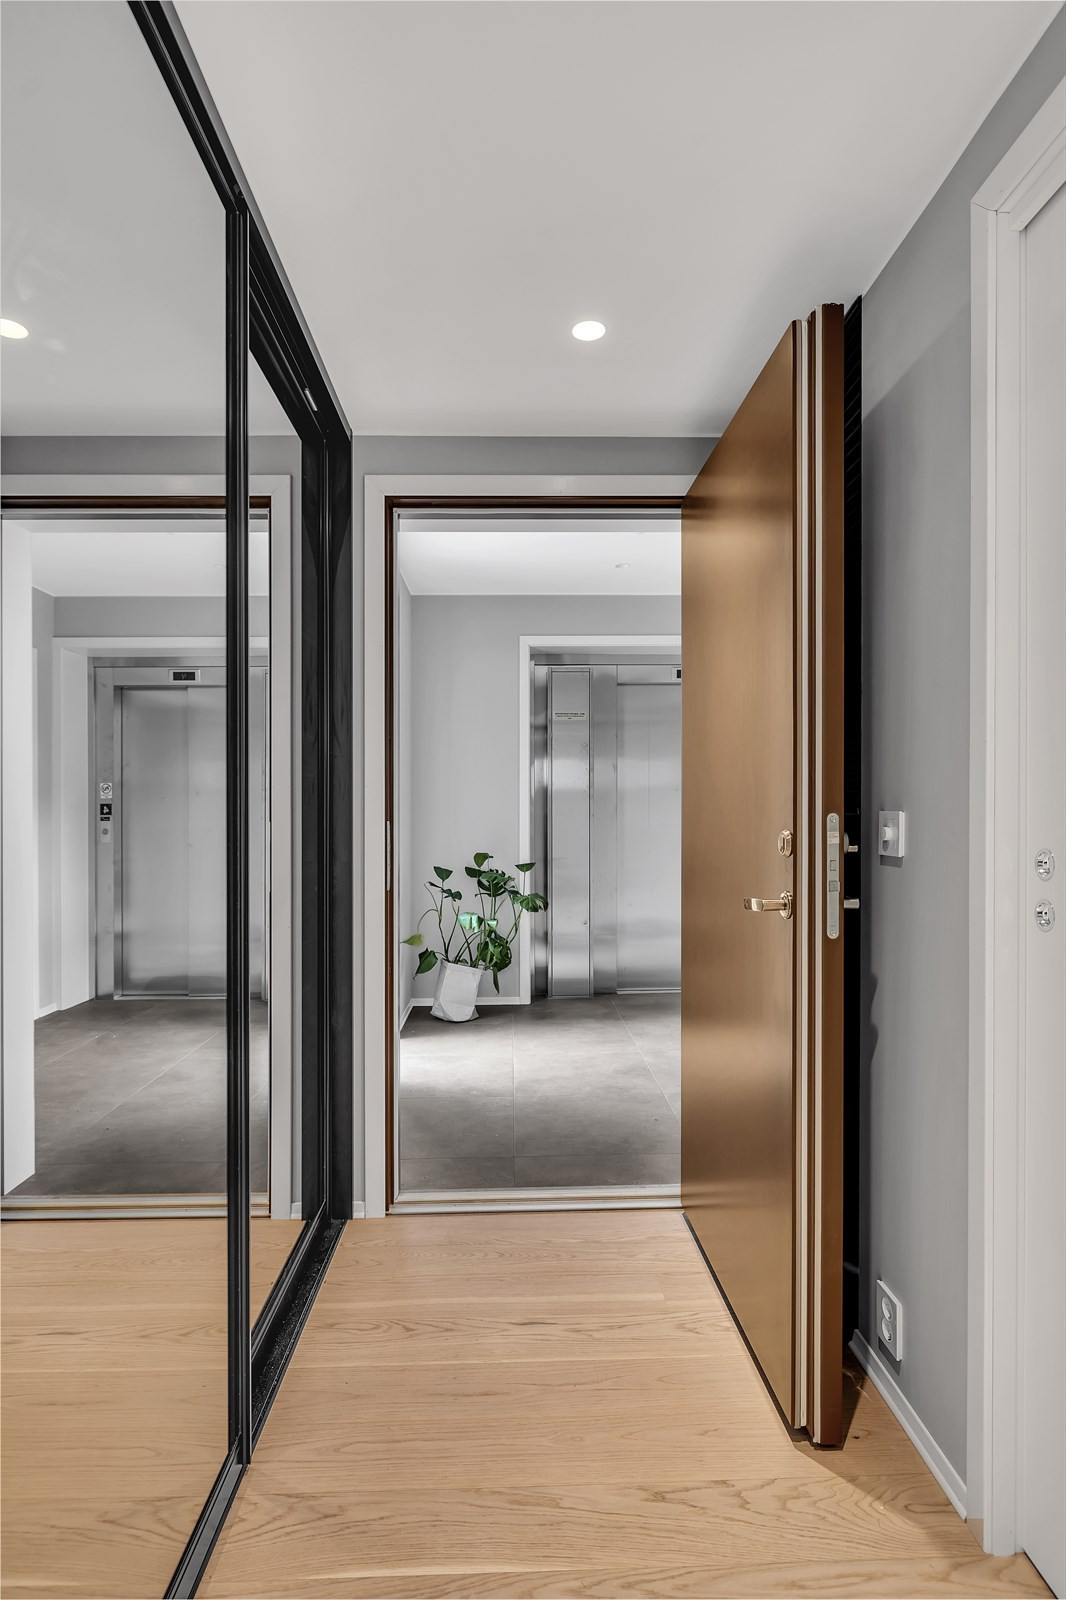 Garderobeskap i gangen - flislagt vindfang og privat utgang fra heisen